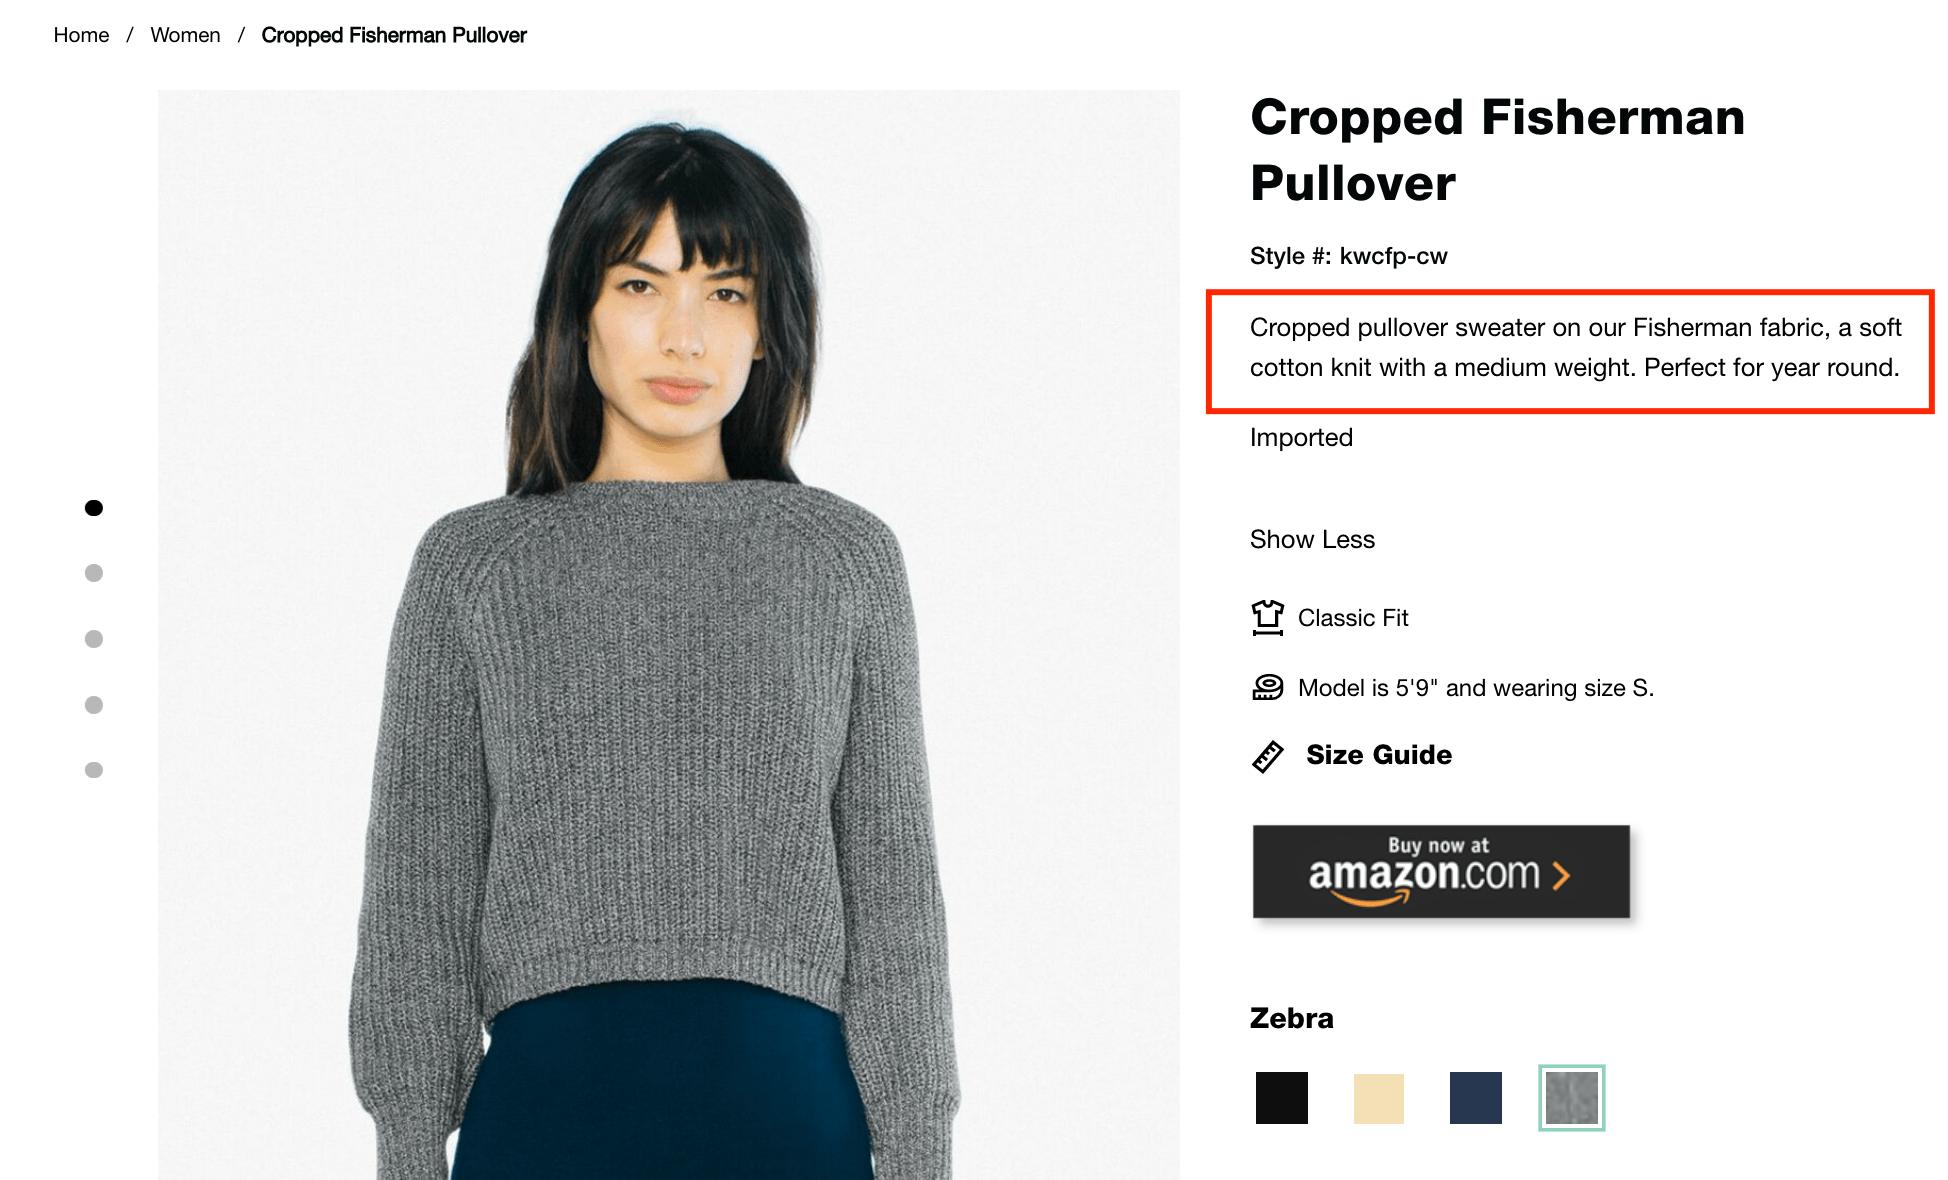 short product descriptions example